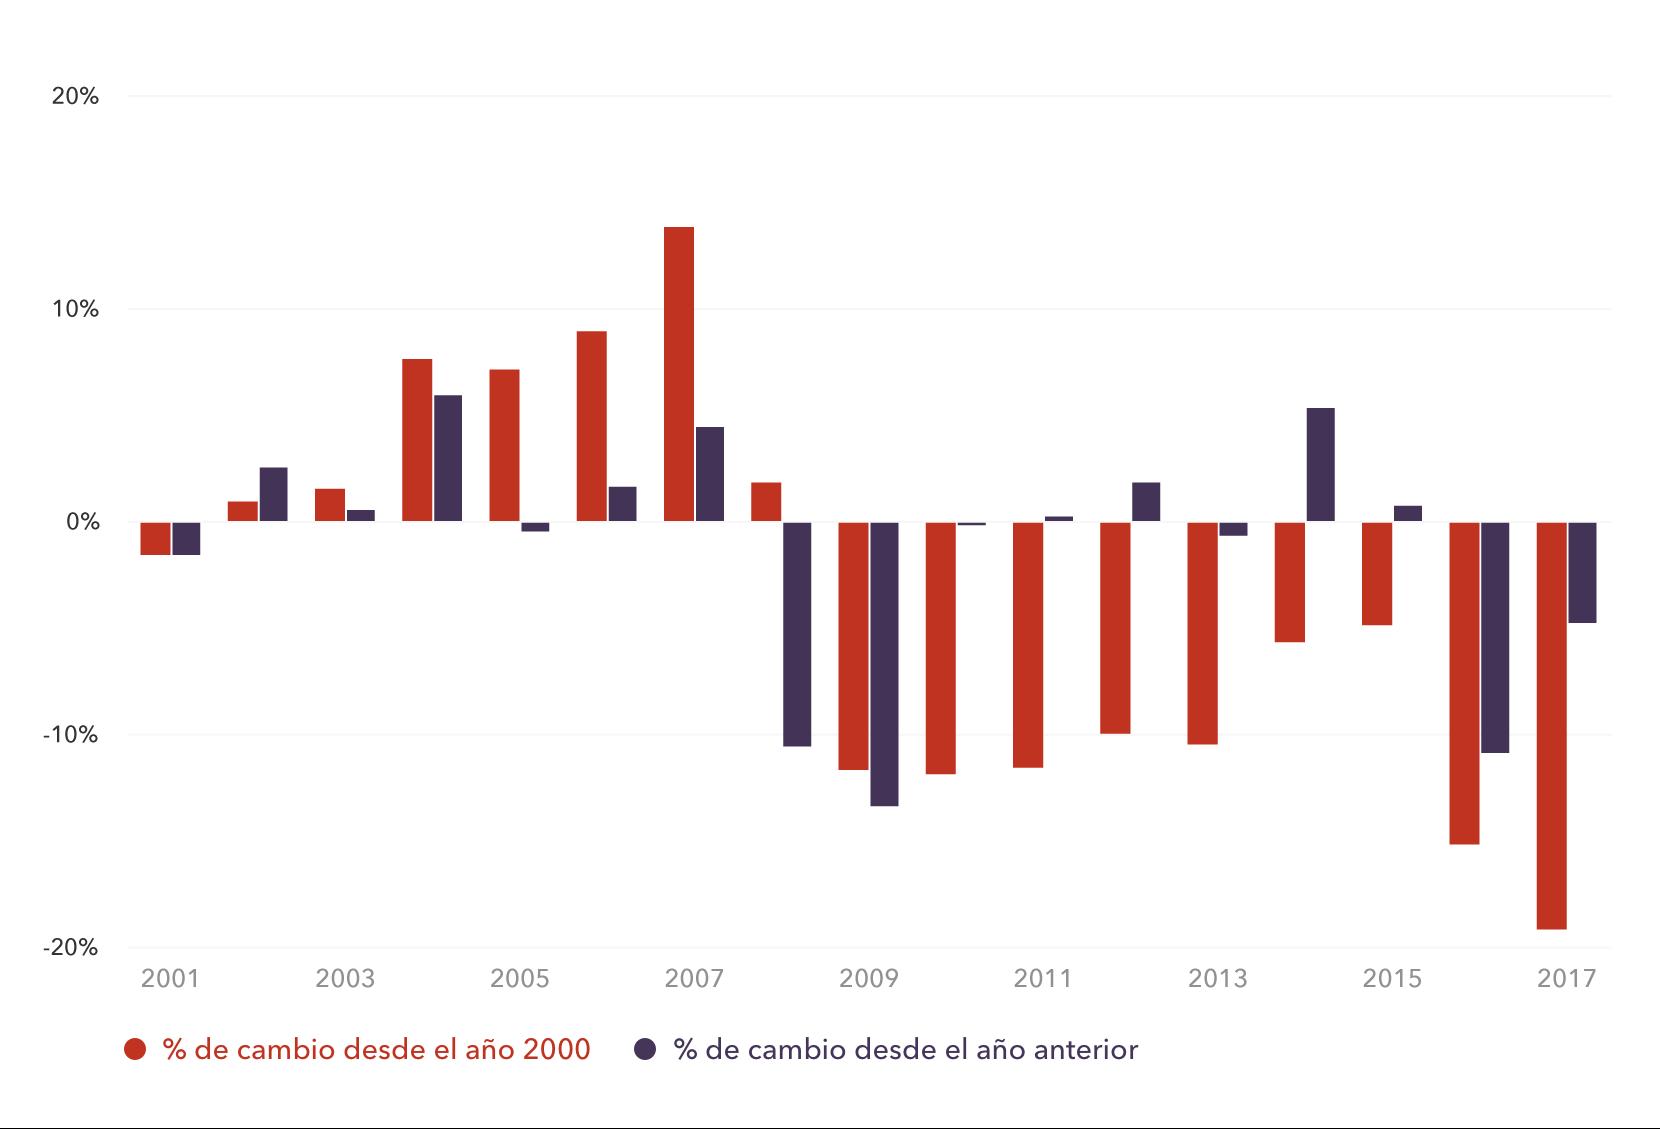 Cambio en el valor de la libra esterlina (GBP) desde 2000